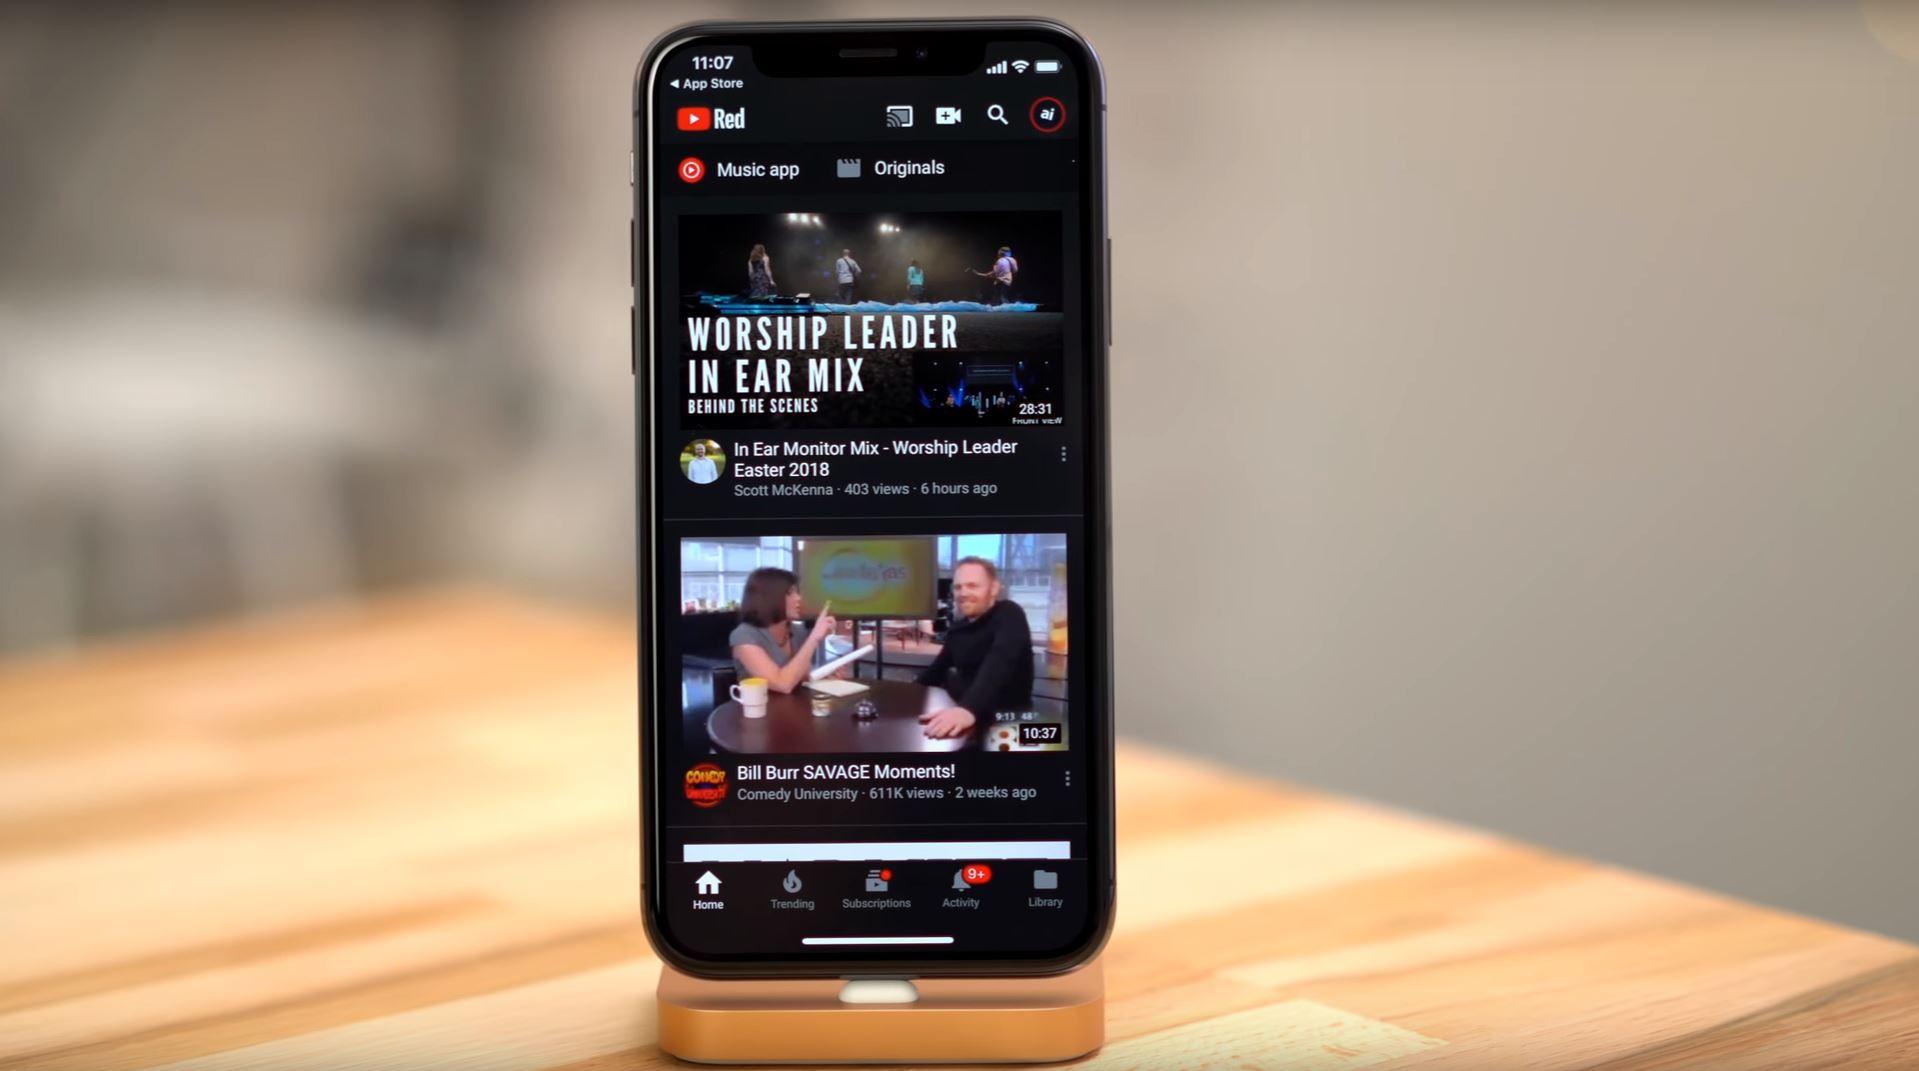 YouTube : le mode sombre a un impact considérable sur l'autonomie de l'iPhone X